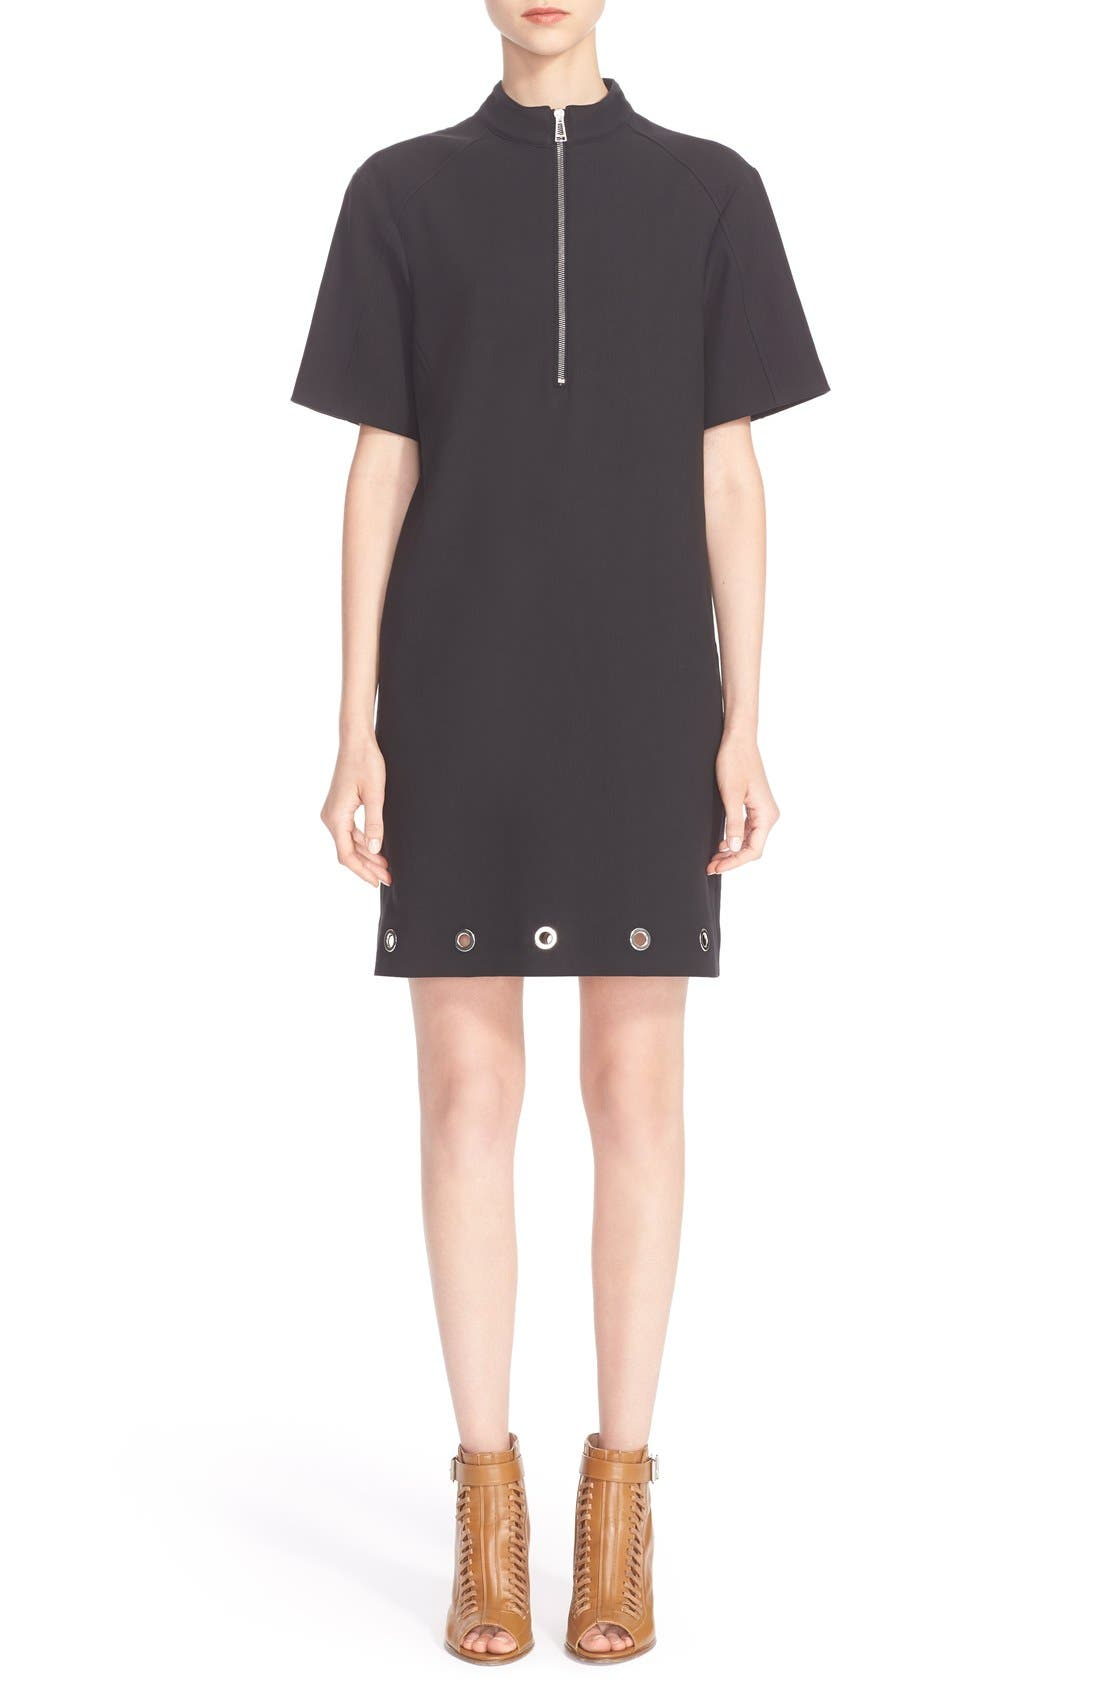 Grommet Detail Stretch Cotton Shift Dress, Main, color, 001